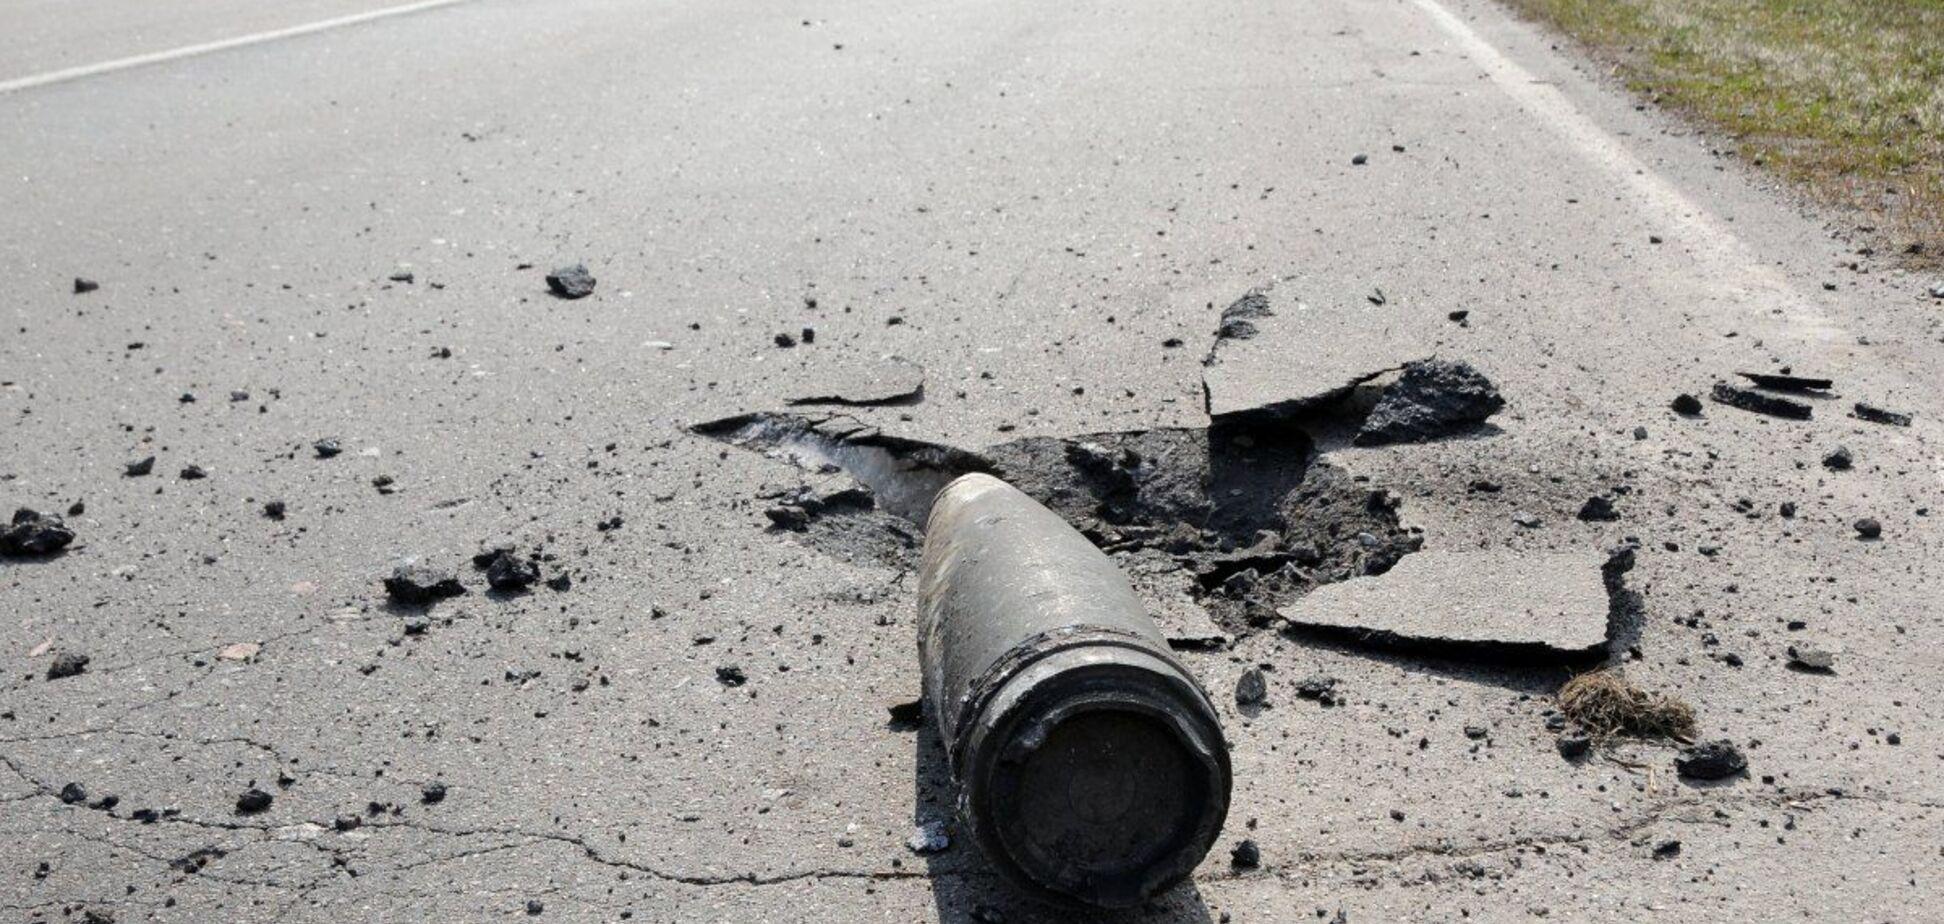 Взрывы в Балаклее: в Минобороны заявили, что пожар начался из-за танка